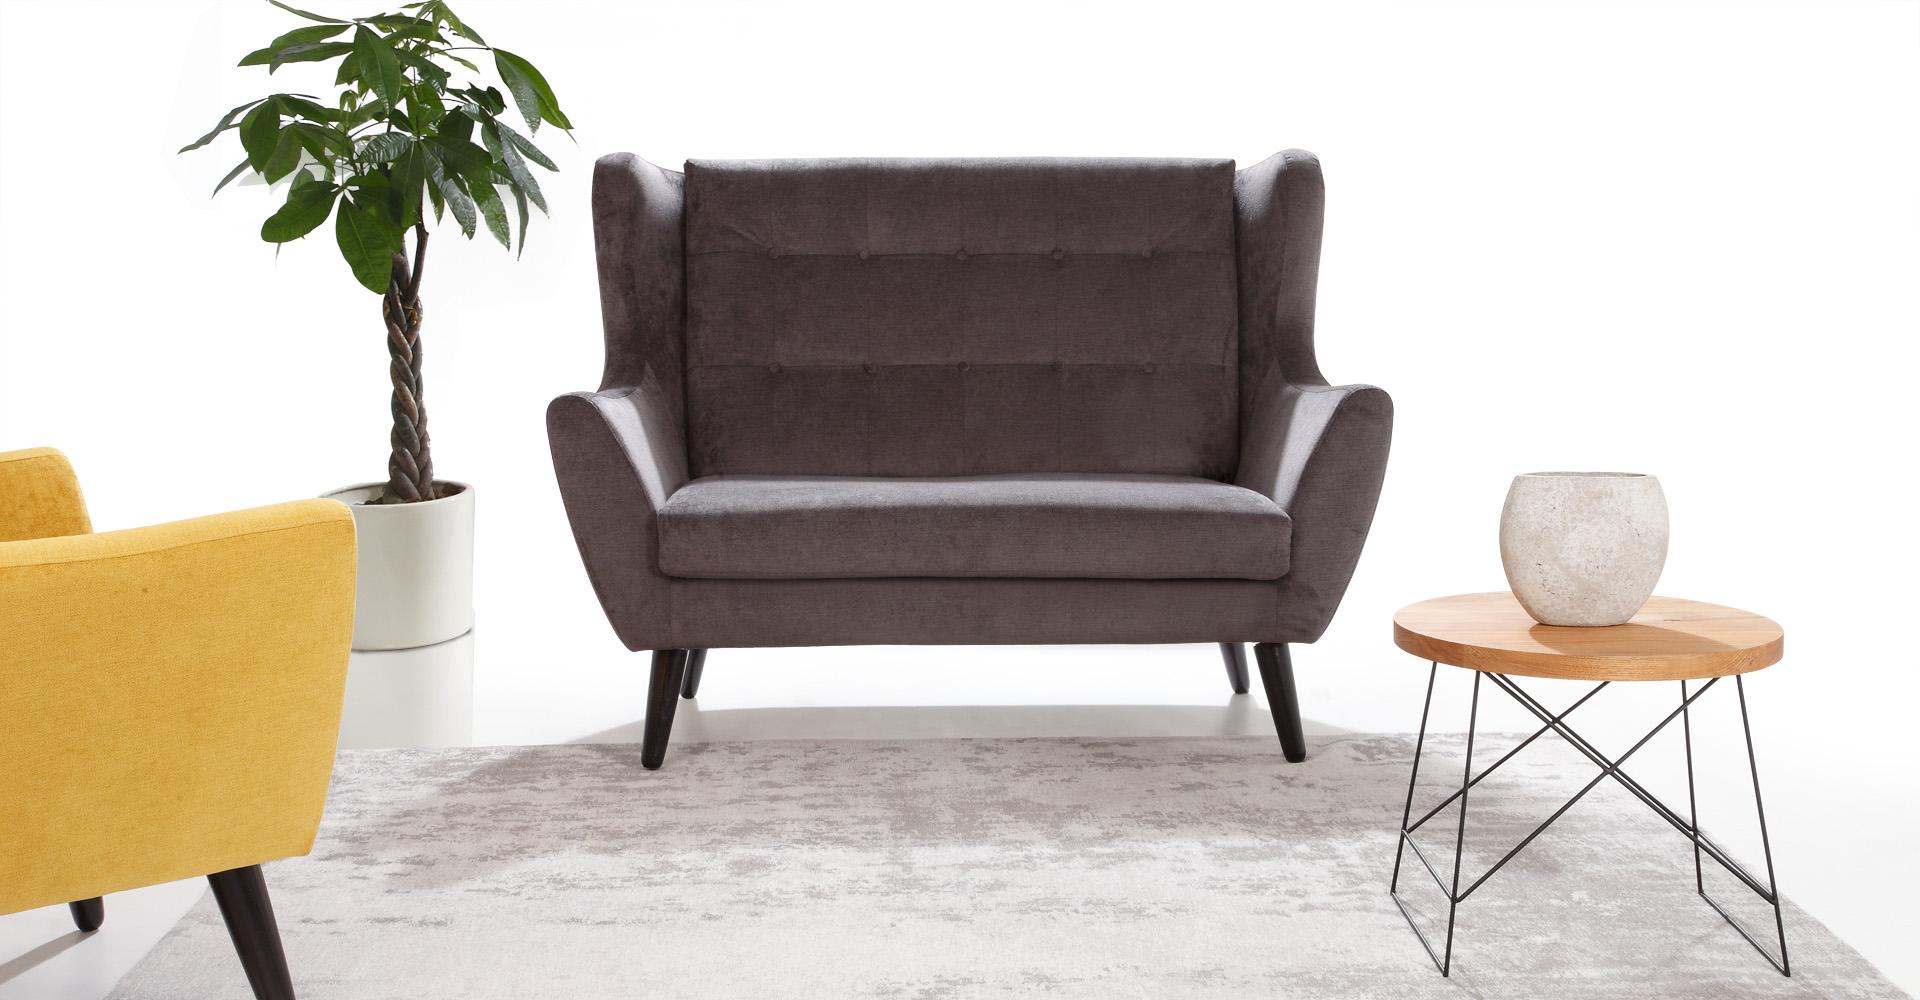 CLEO sofa 2 osobowa w skandynawskim stylu.